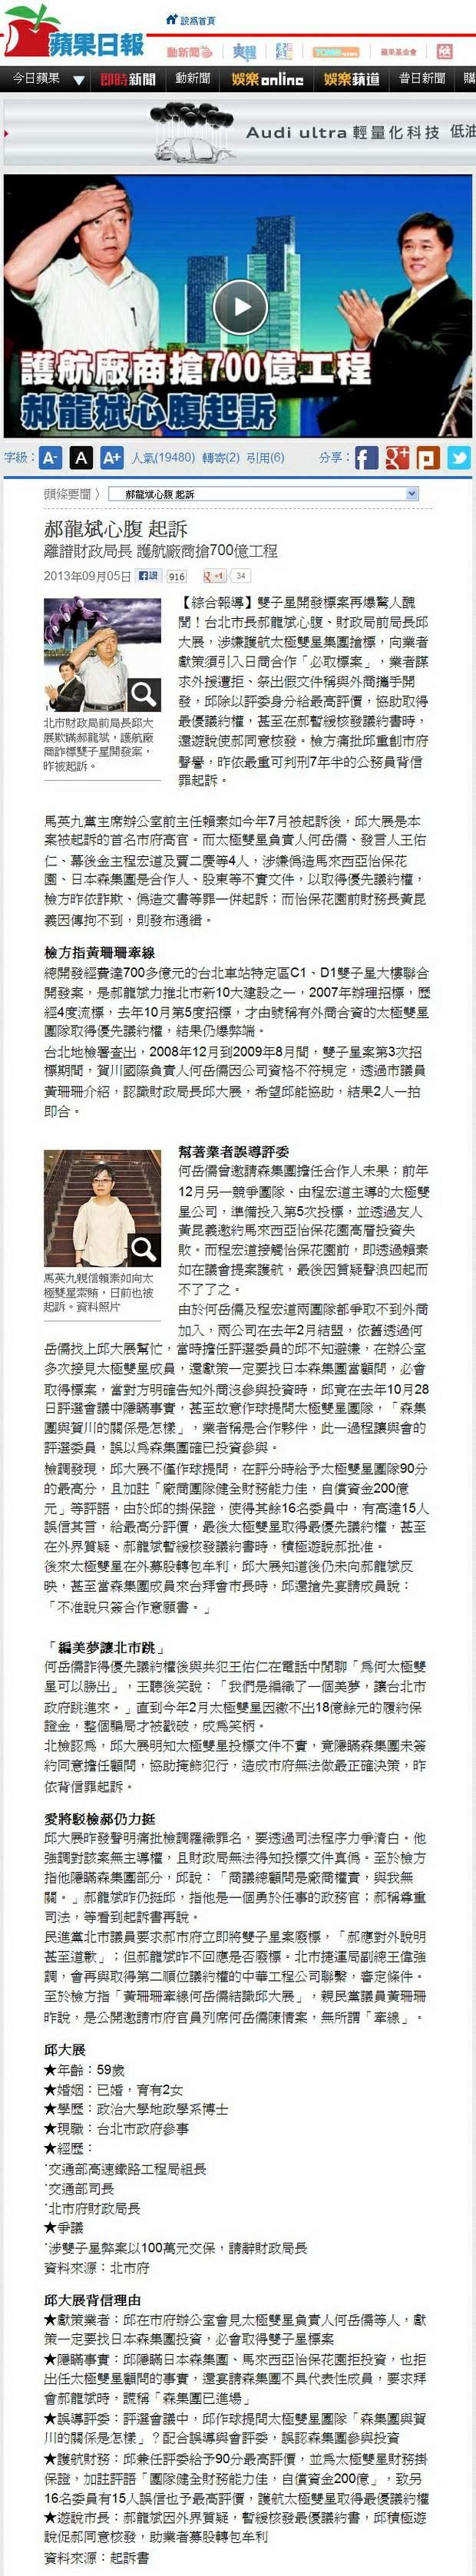 郝龍斌心腹 起訴-2013.09.05.jpg